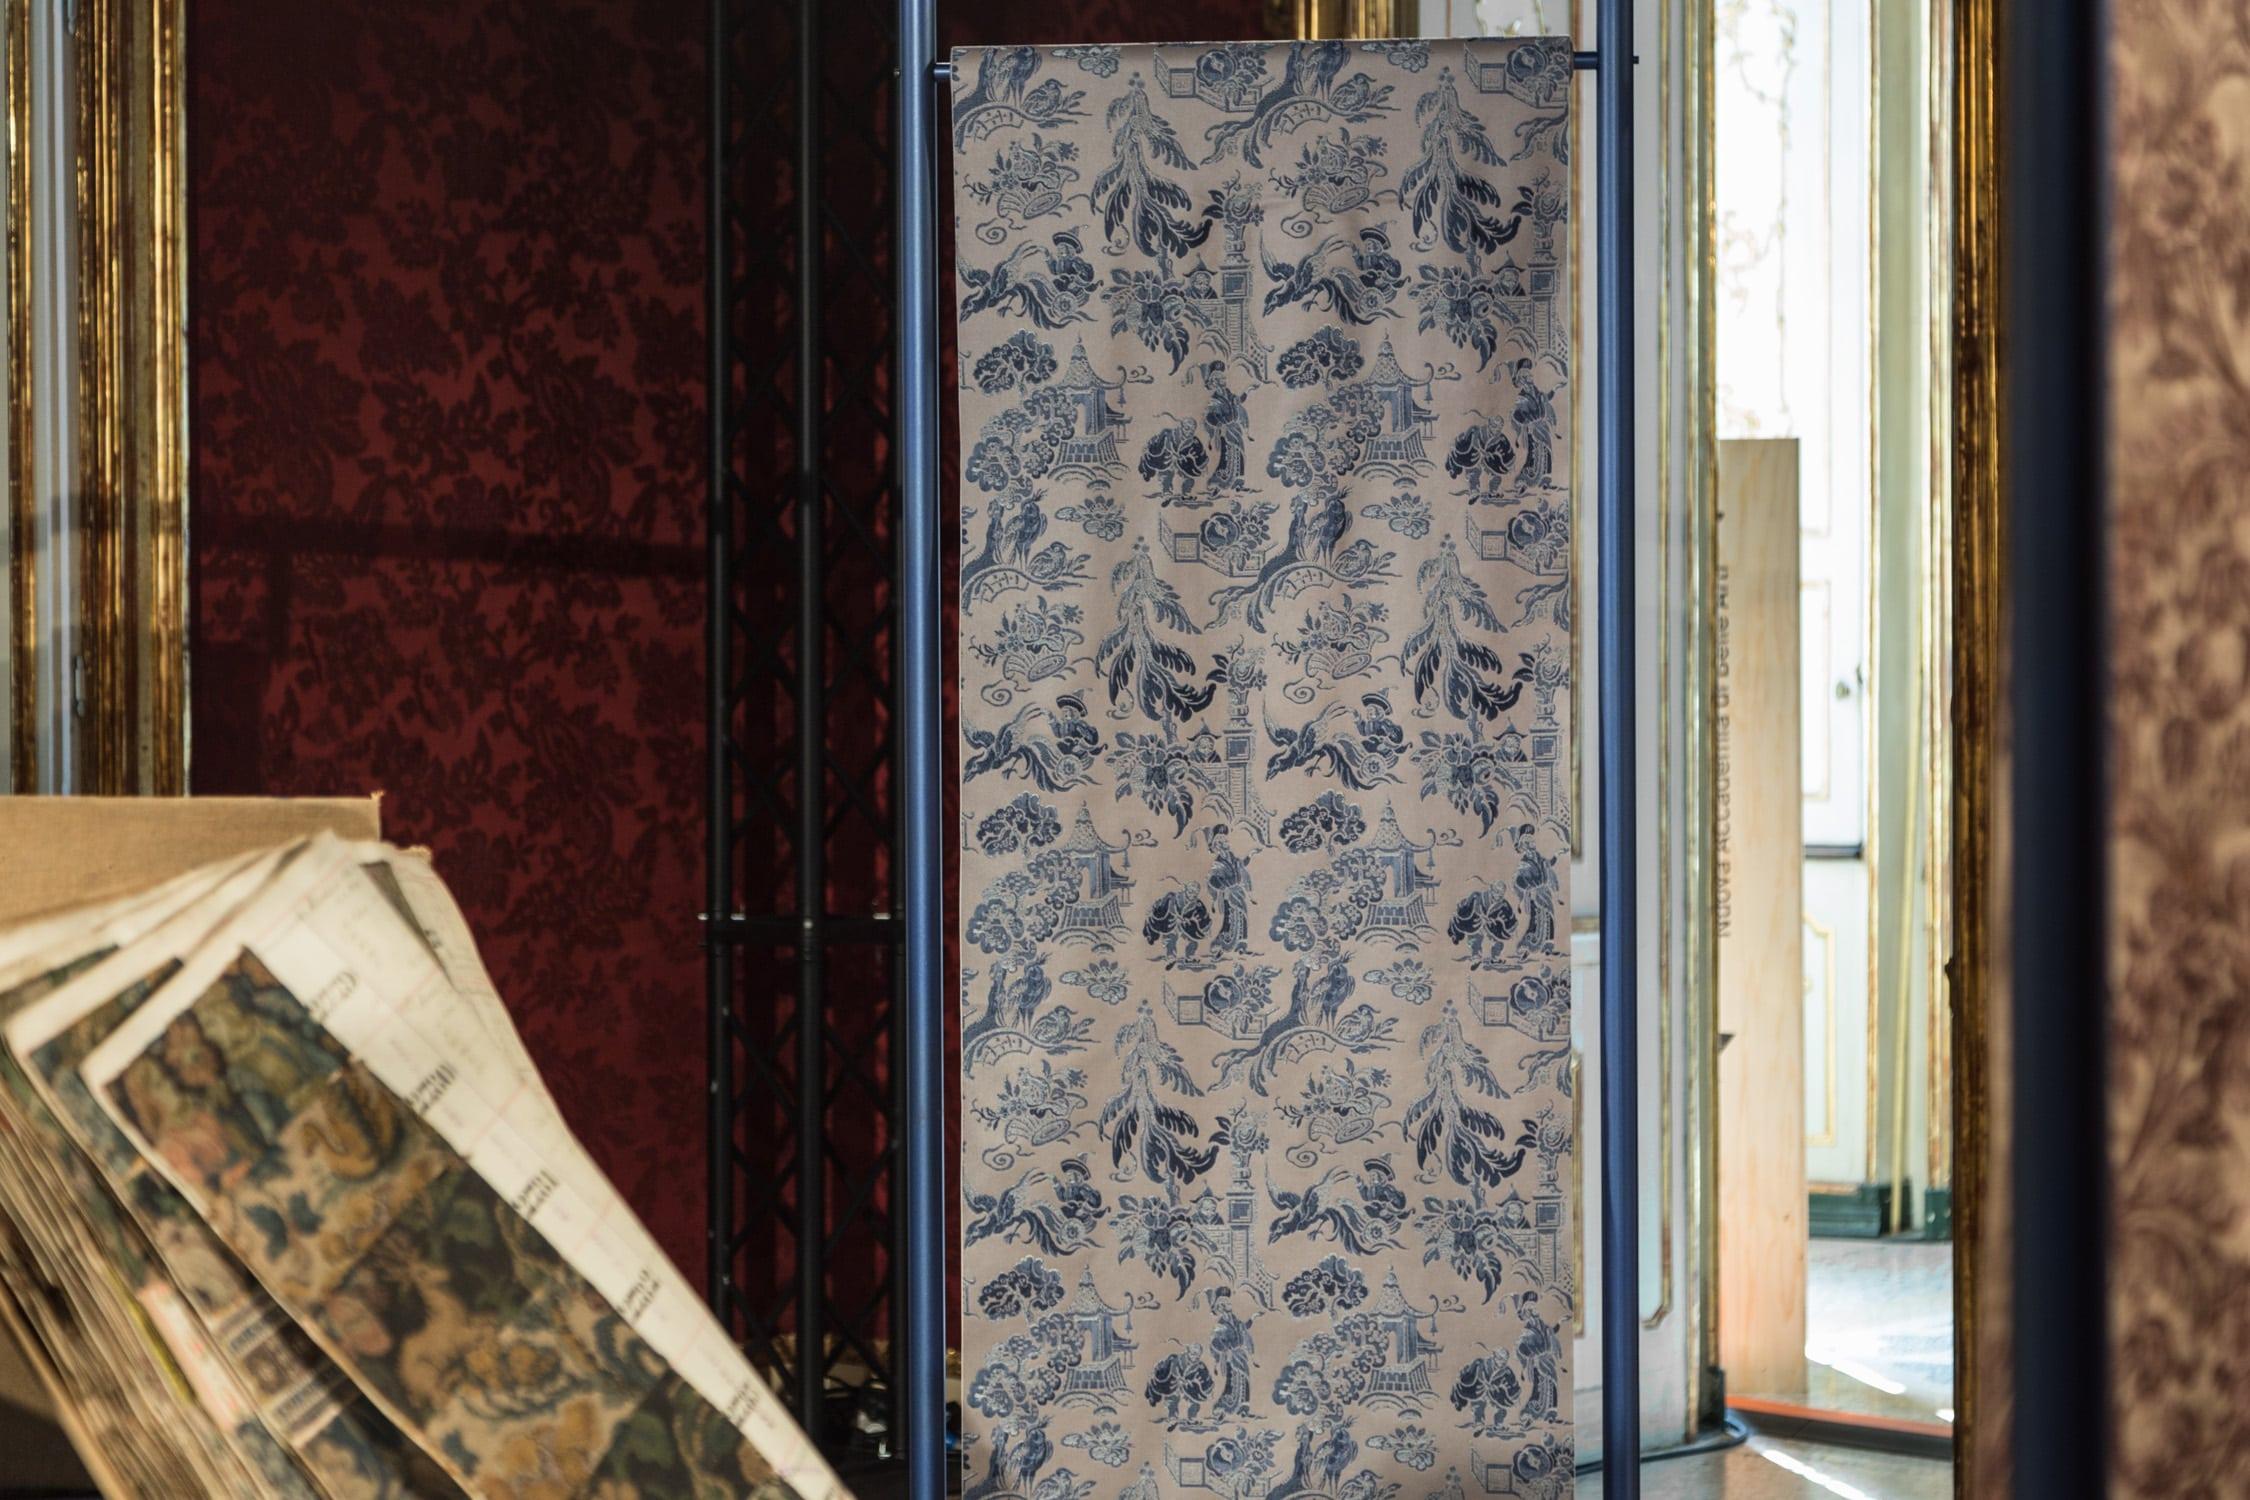 Una delle carte della collezione esposte a Palazzo Litta